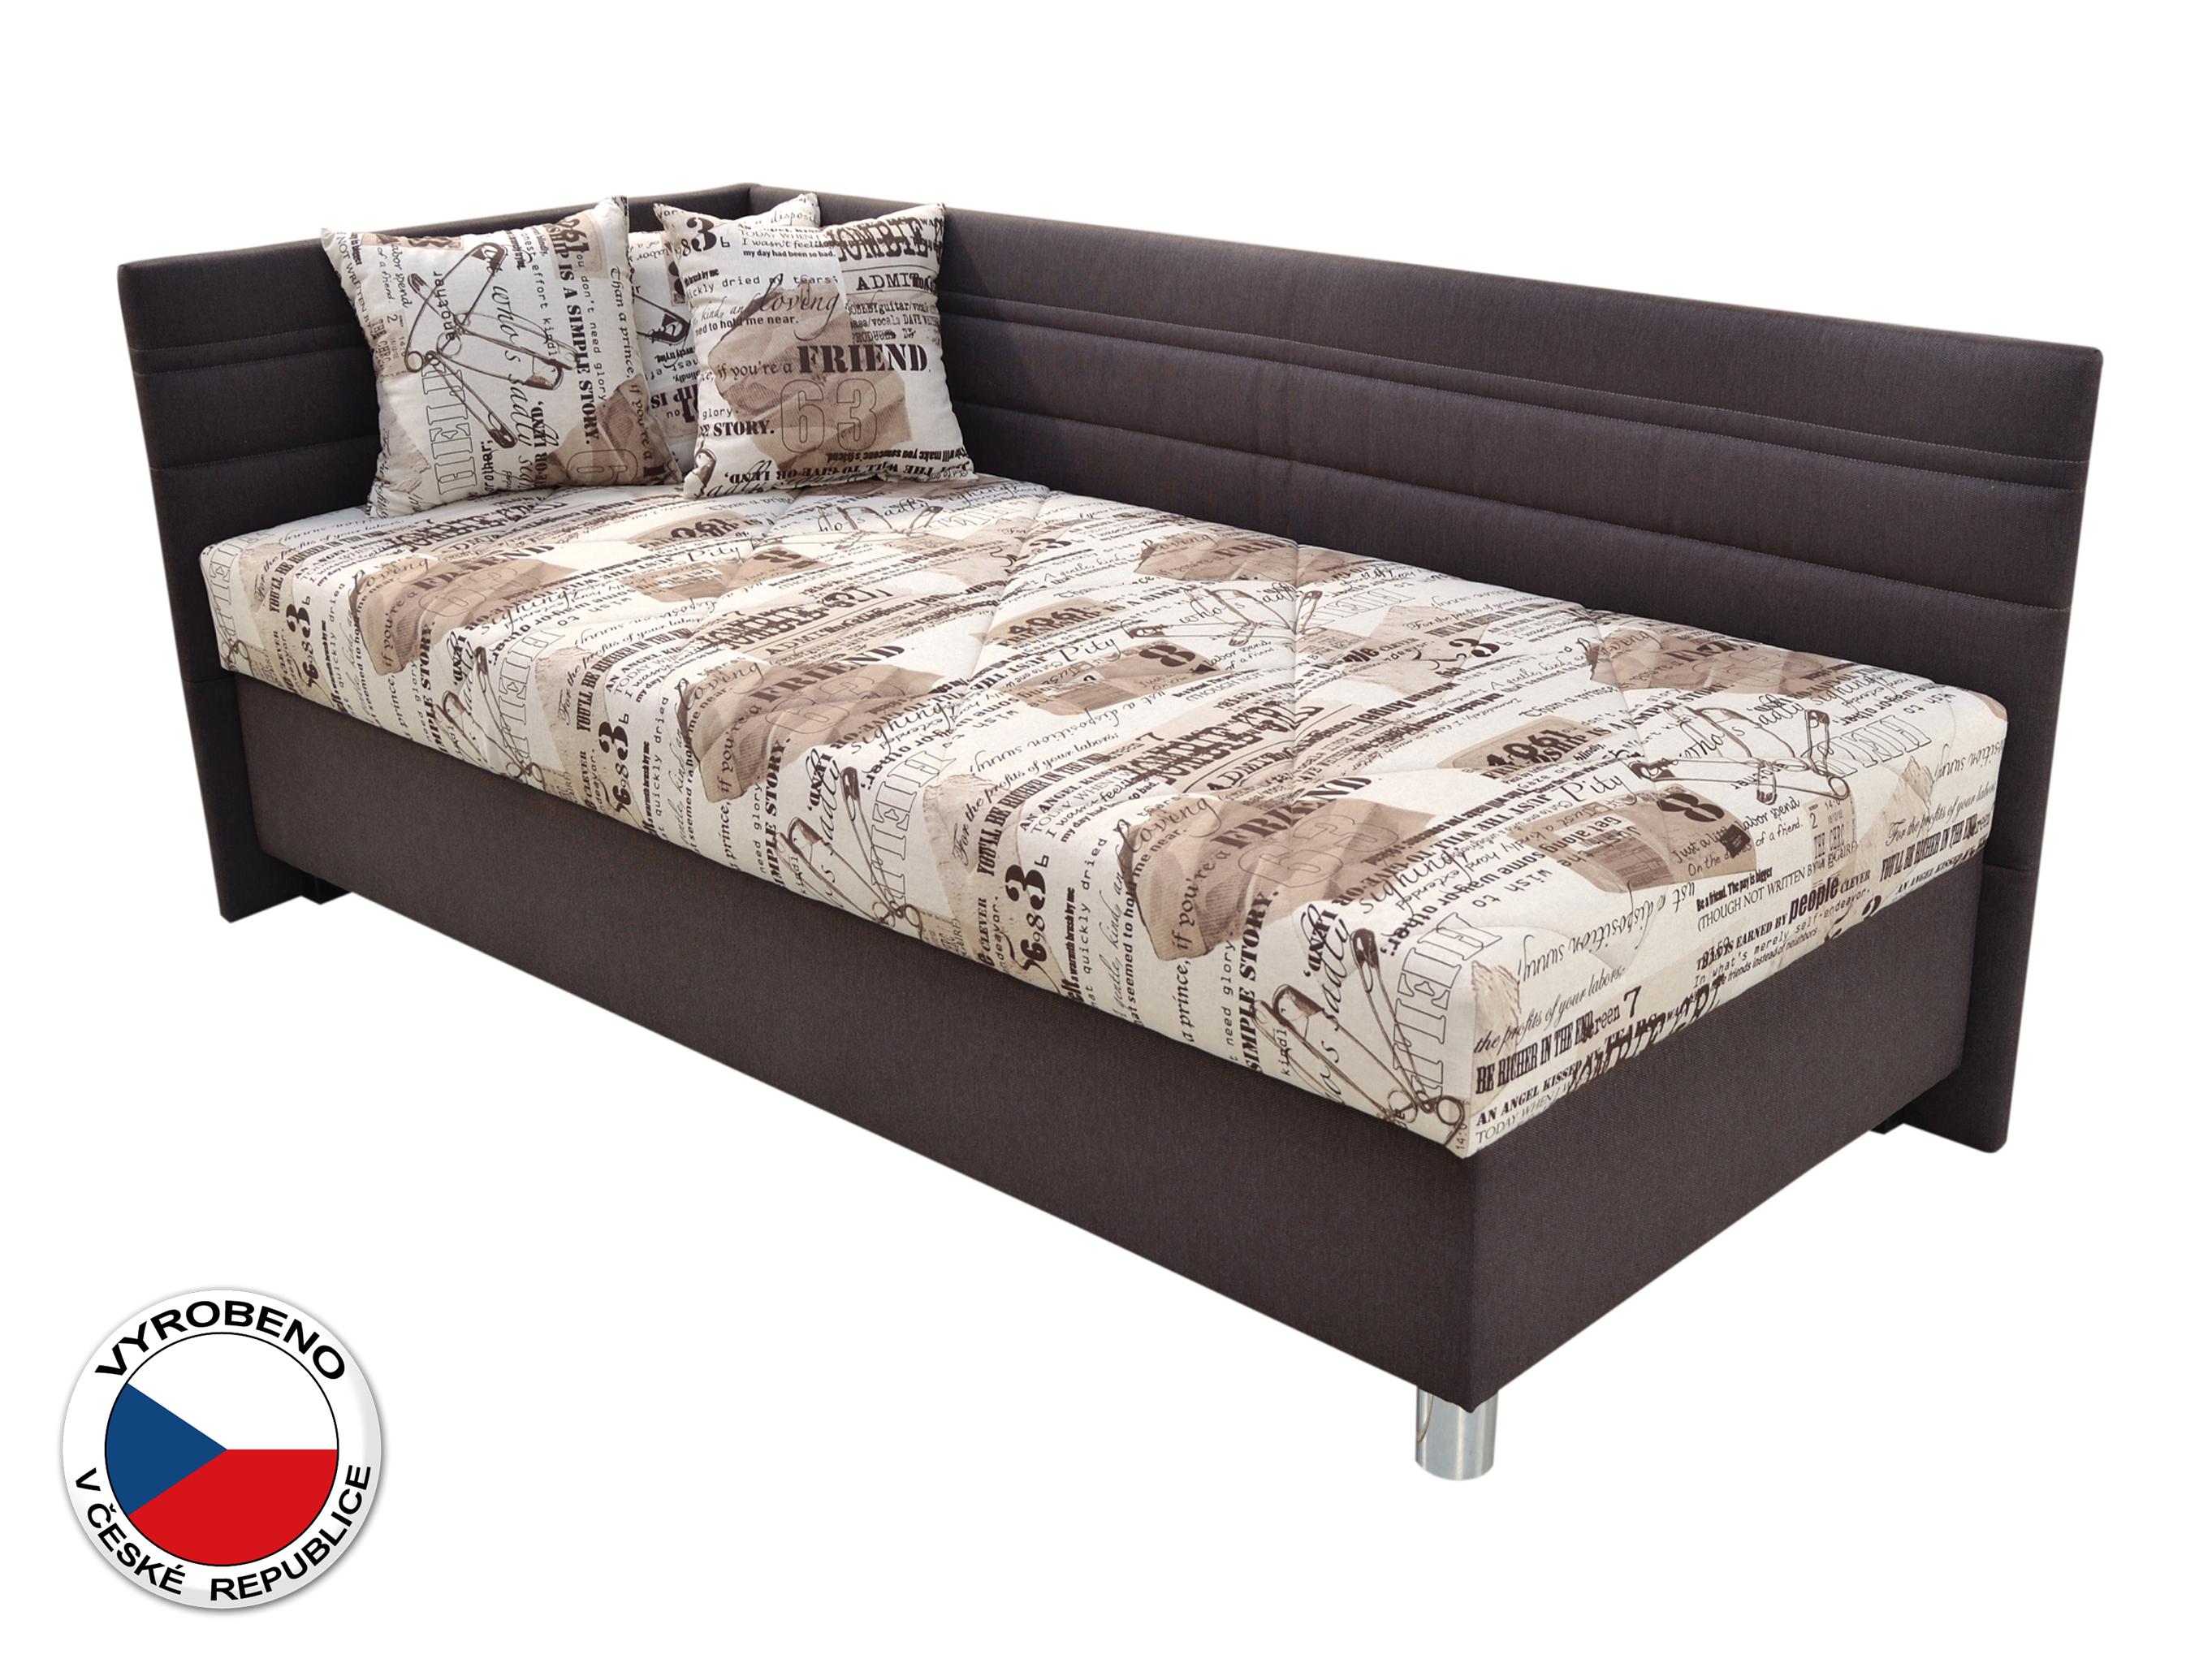 Jednolůžková postel 120 cm - Blanář - Polly (béžová + hnědá) (s roštem a matrací) (L)